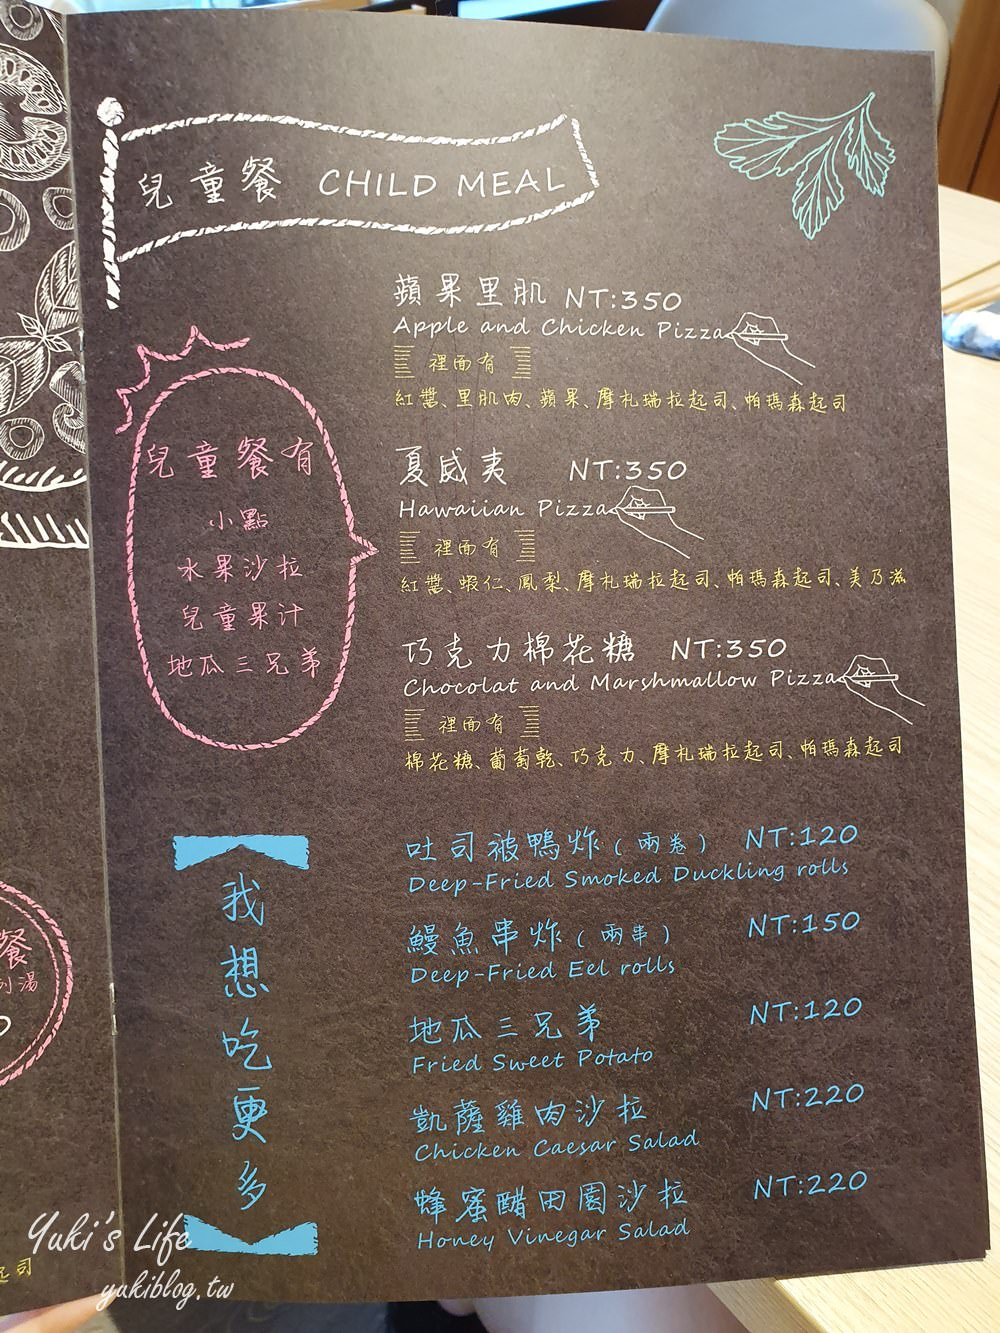 宜蘭美食新景點【棗稻田】木造綠建築太美了!親子踏青×落羽松美景 - yukiblog.tw